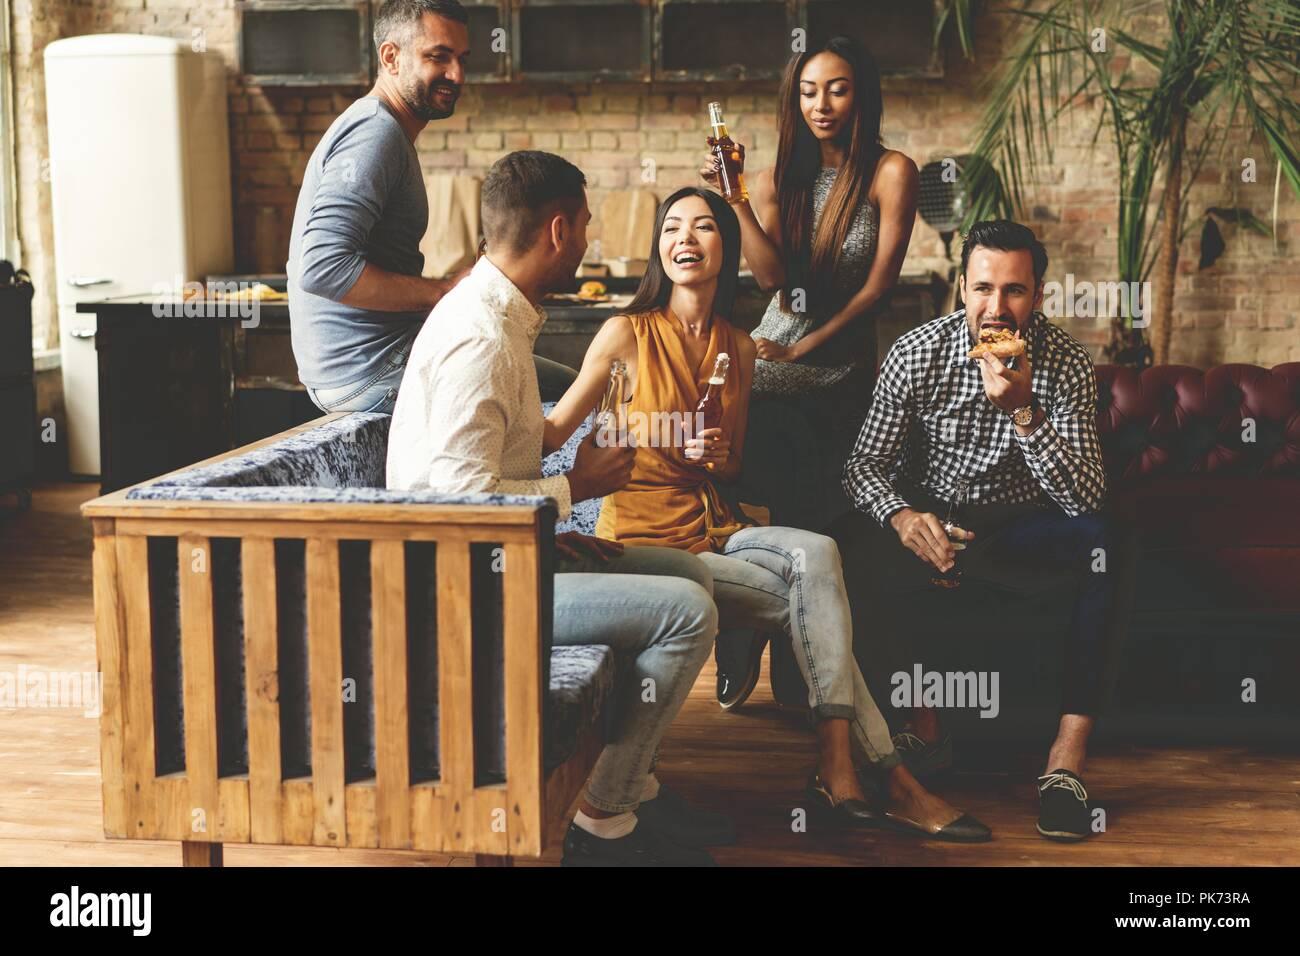 Trascorrere molto tempo con i migliori amici. Il gruppo di allegro giovani gustando cibi e bevande mentre trascorrere del tempo piacevole nel confortevole sedie sulla cucina insieme. Immagini Stock